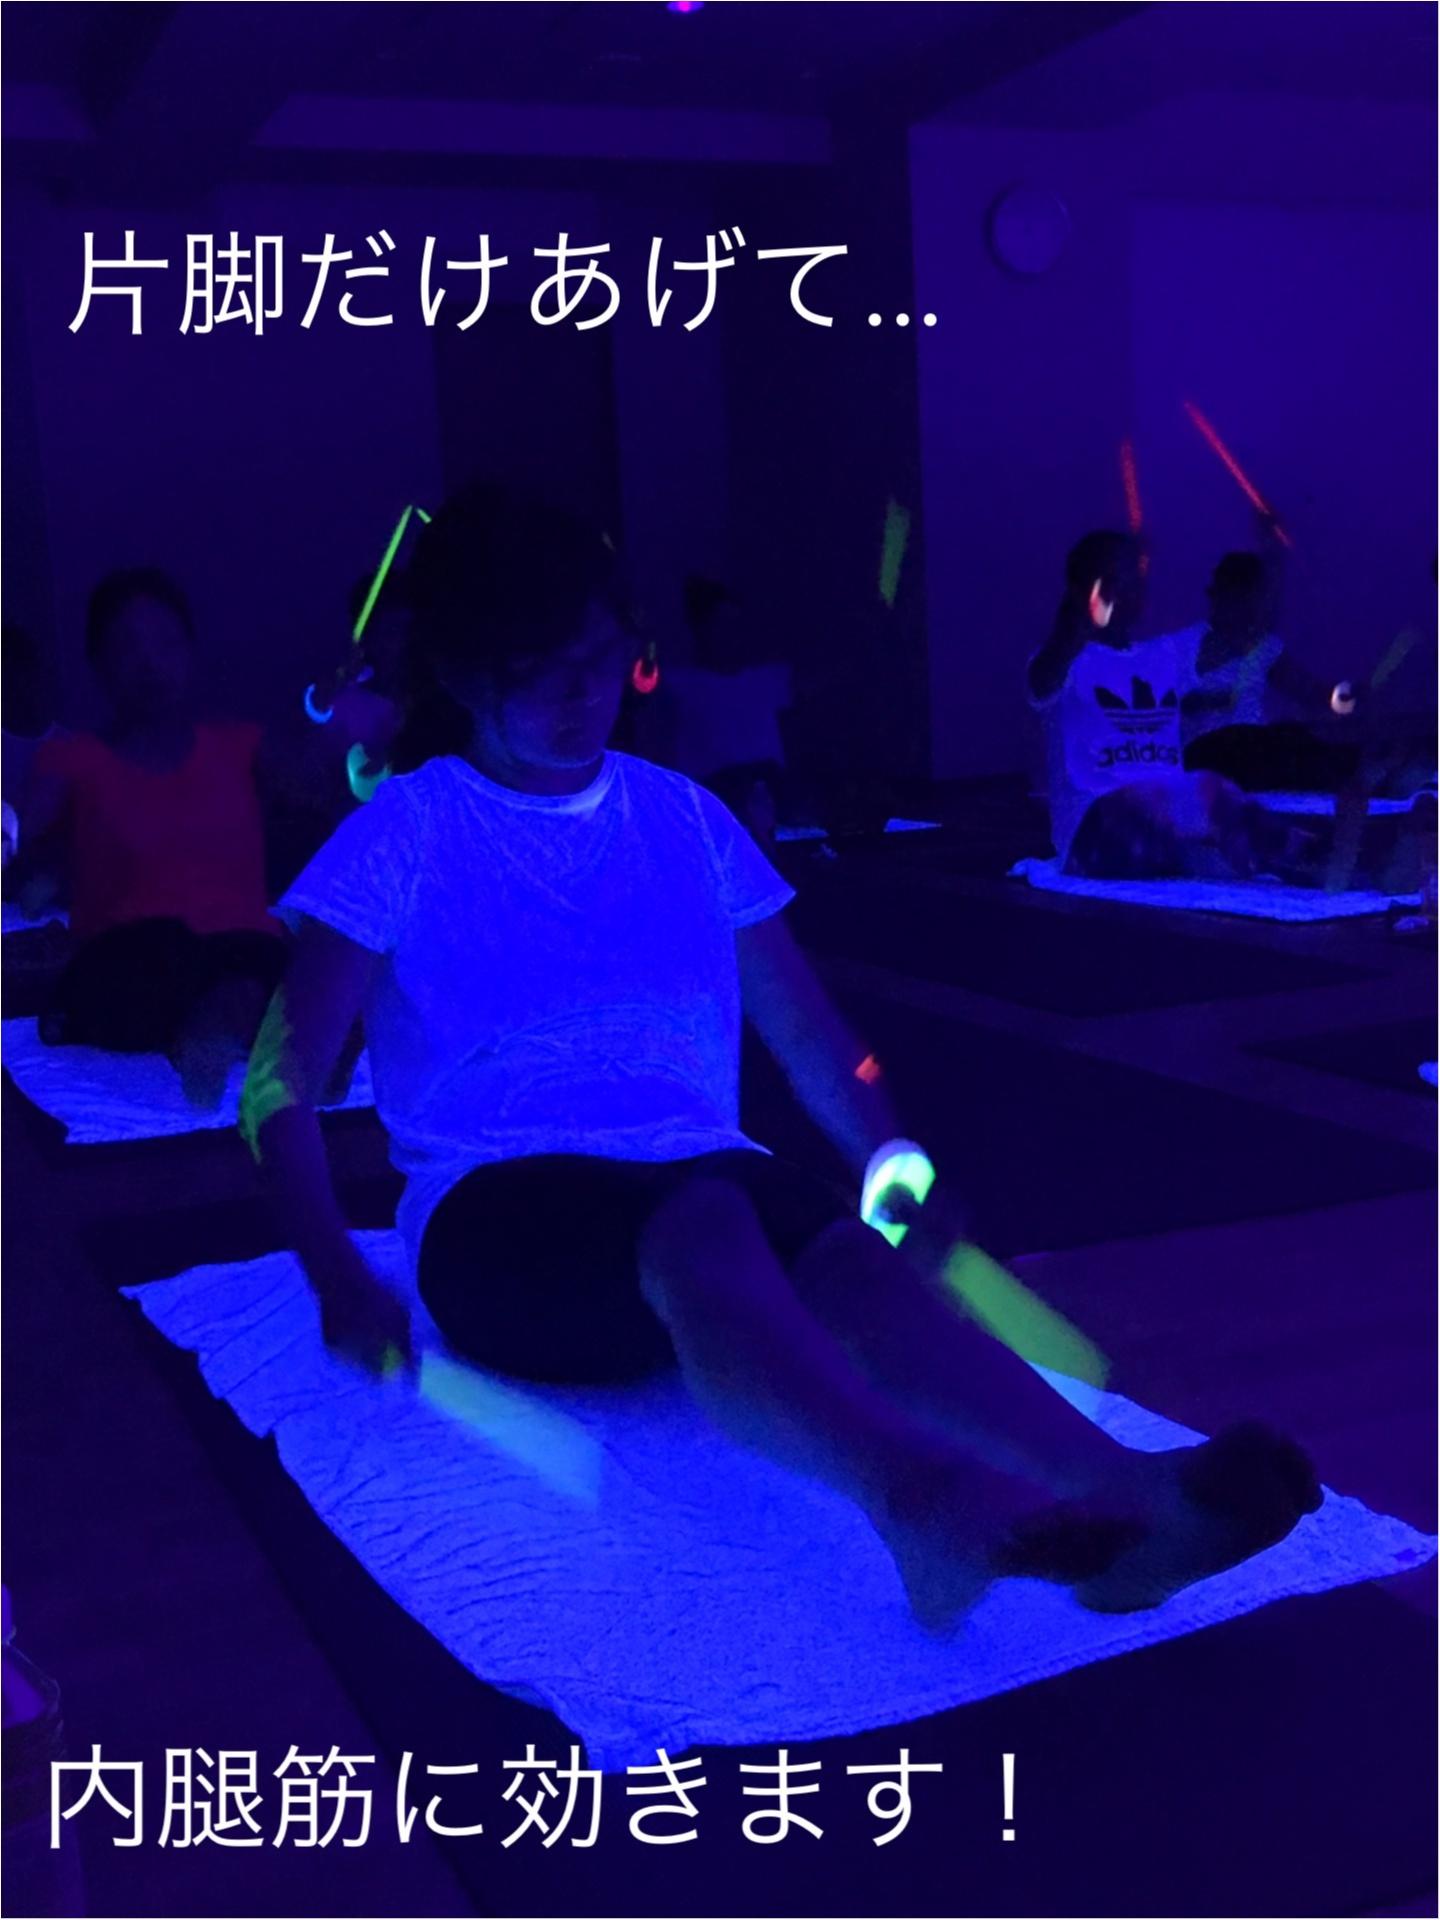 日本発上陸! L.A.で話題の新感覚エクササイズ『BEAT DRUM DIET』を体験してきました♪ 【#モアチャレ 7キロ痩せ】_4_4